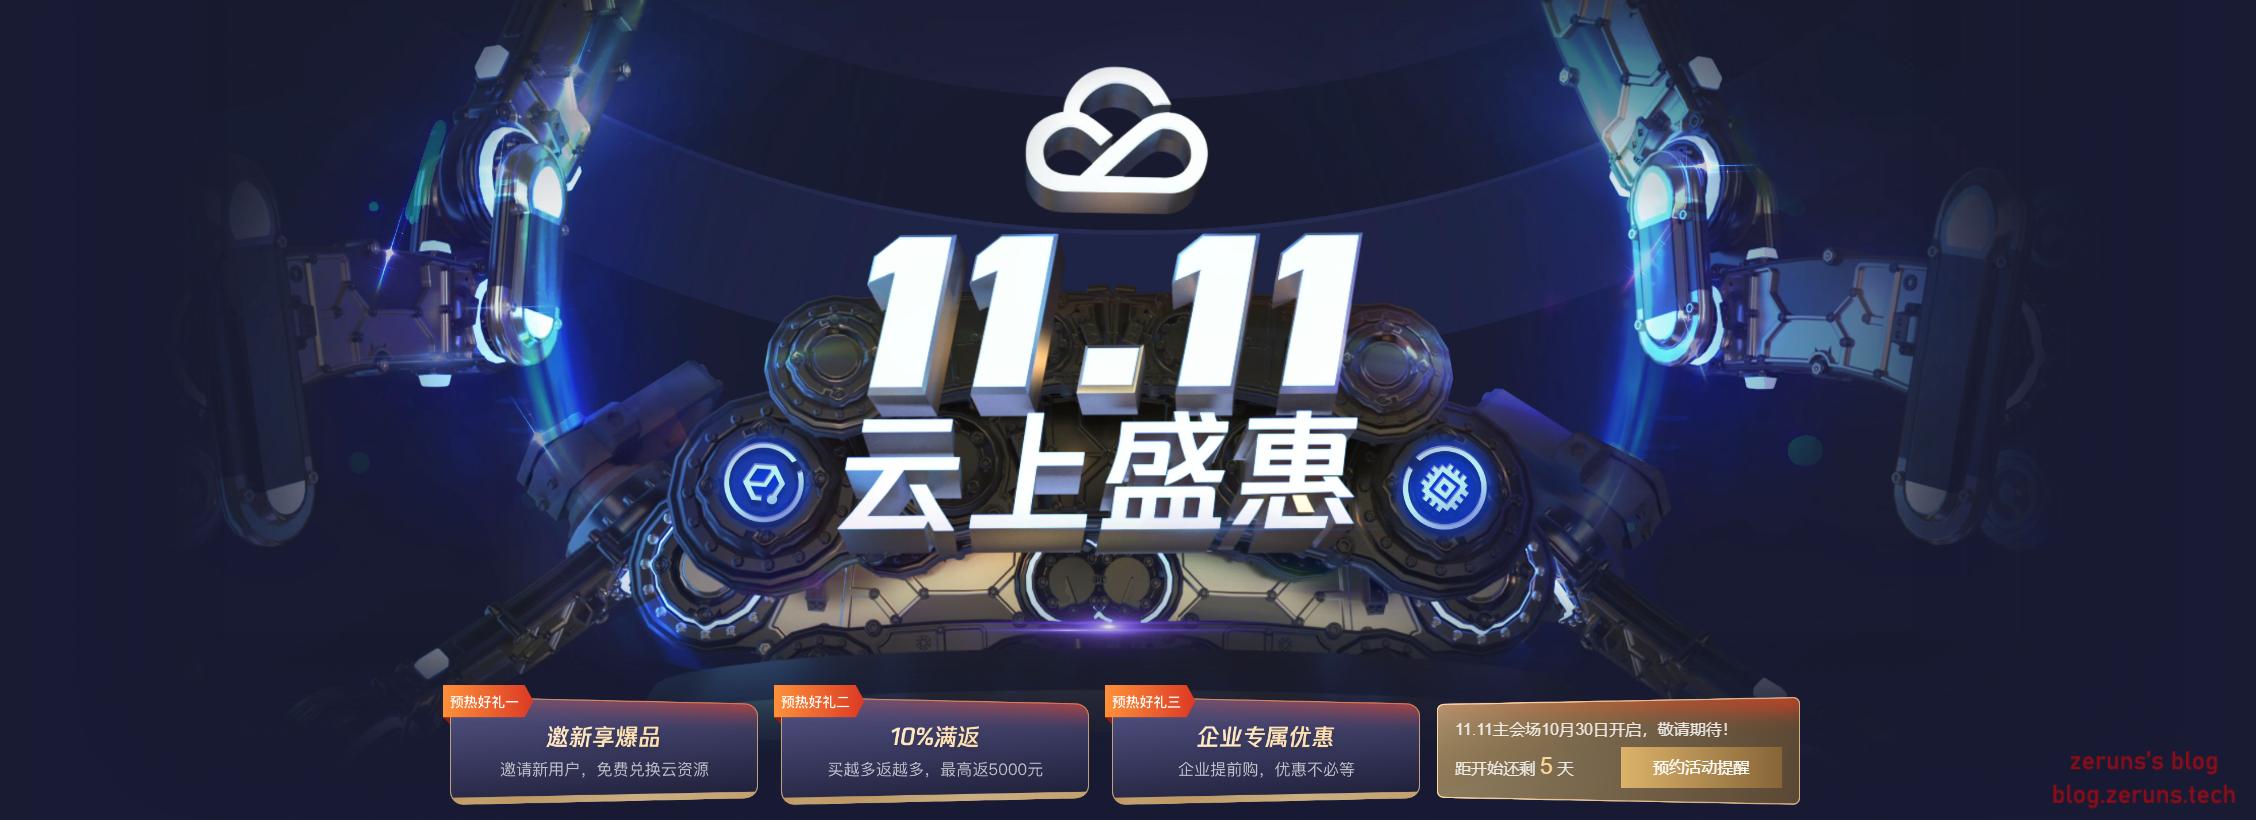 2020 10 24 13 56 33 - 各大云服务器厂商双11优惠活动大全,低价VPS/云服务